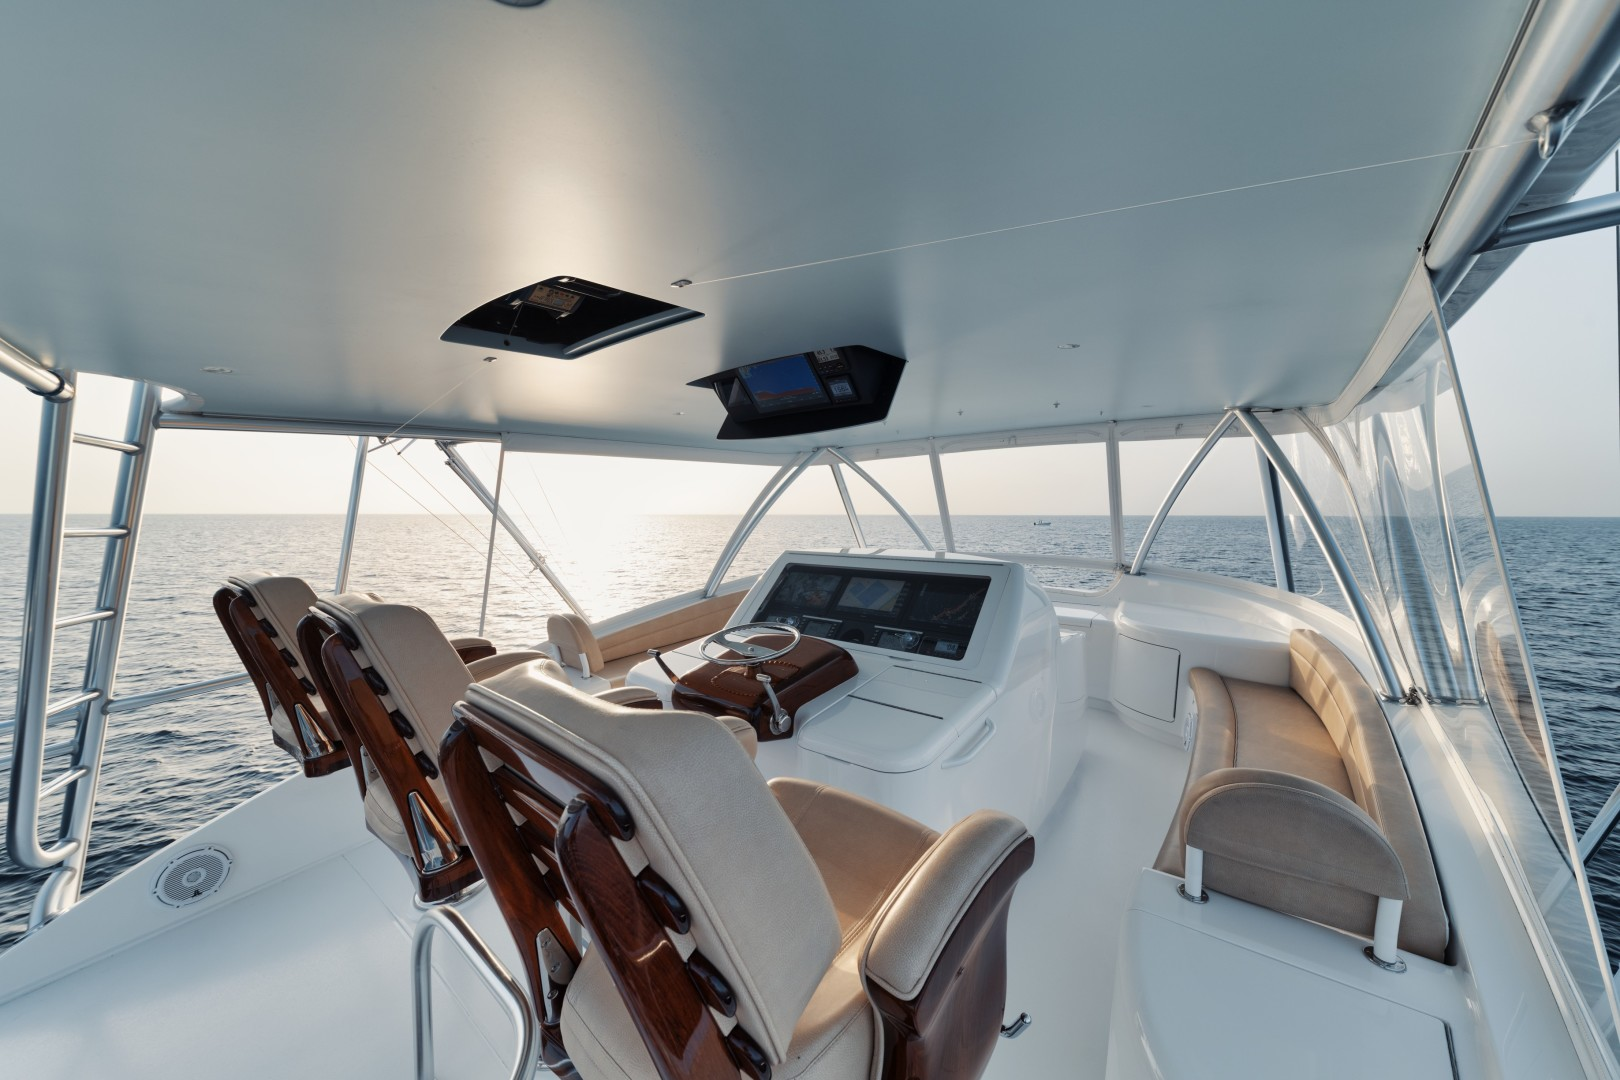 Viking 68 - Whirlwind - Flybridge Helm